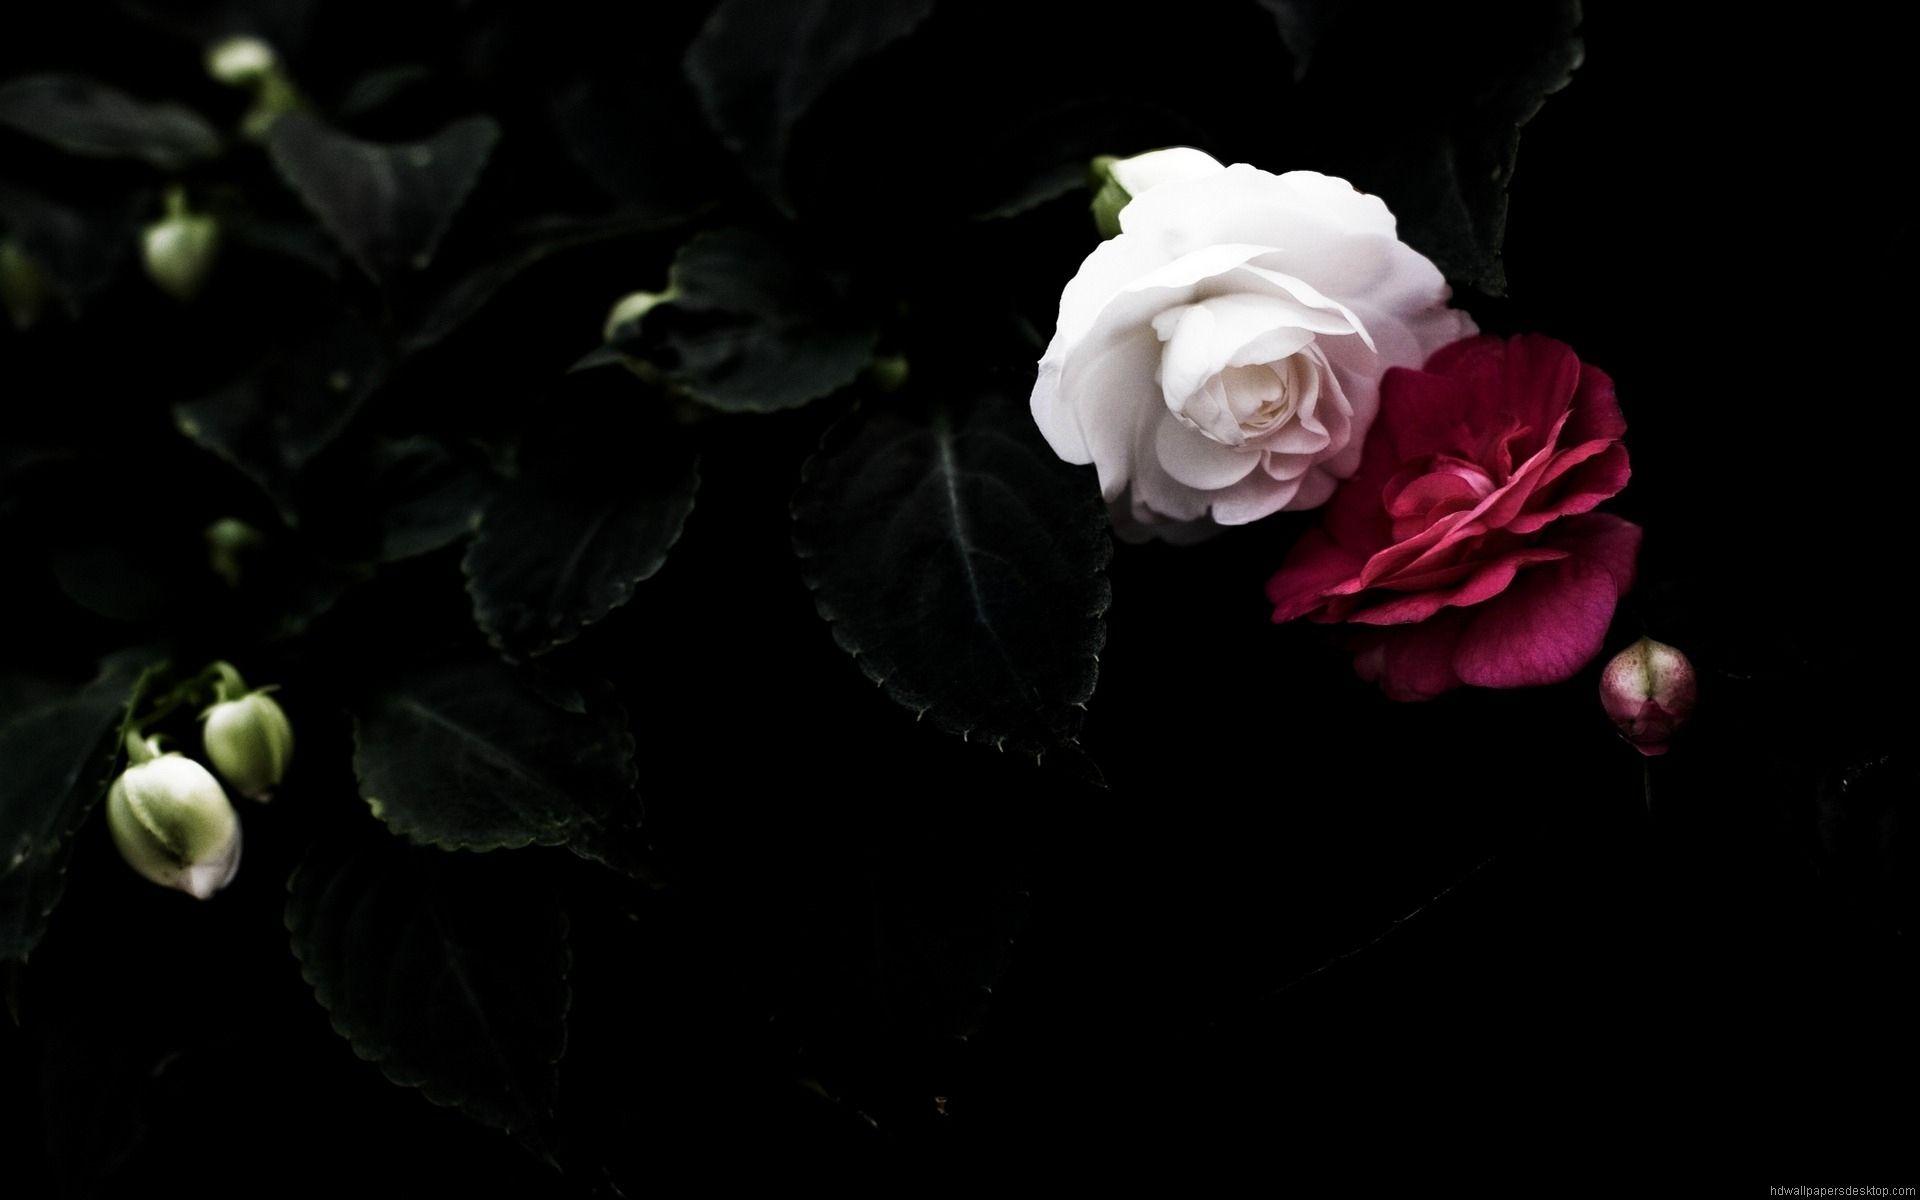 Pin By Rimsha Khan On Bloemen Flower Background Wallpaper Black Rose Flower Rose Wallpaper